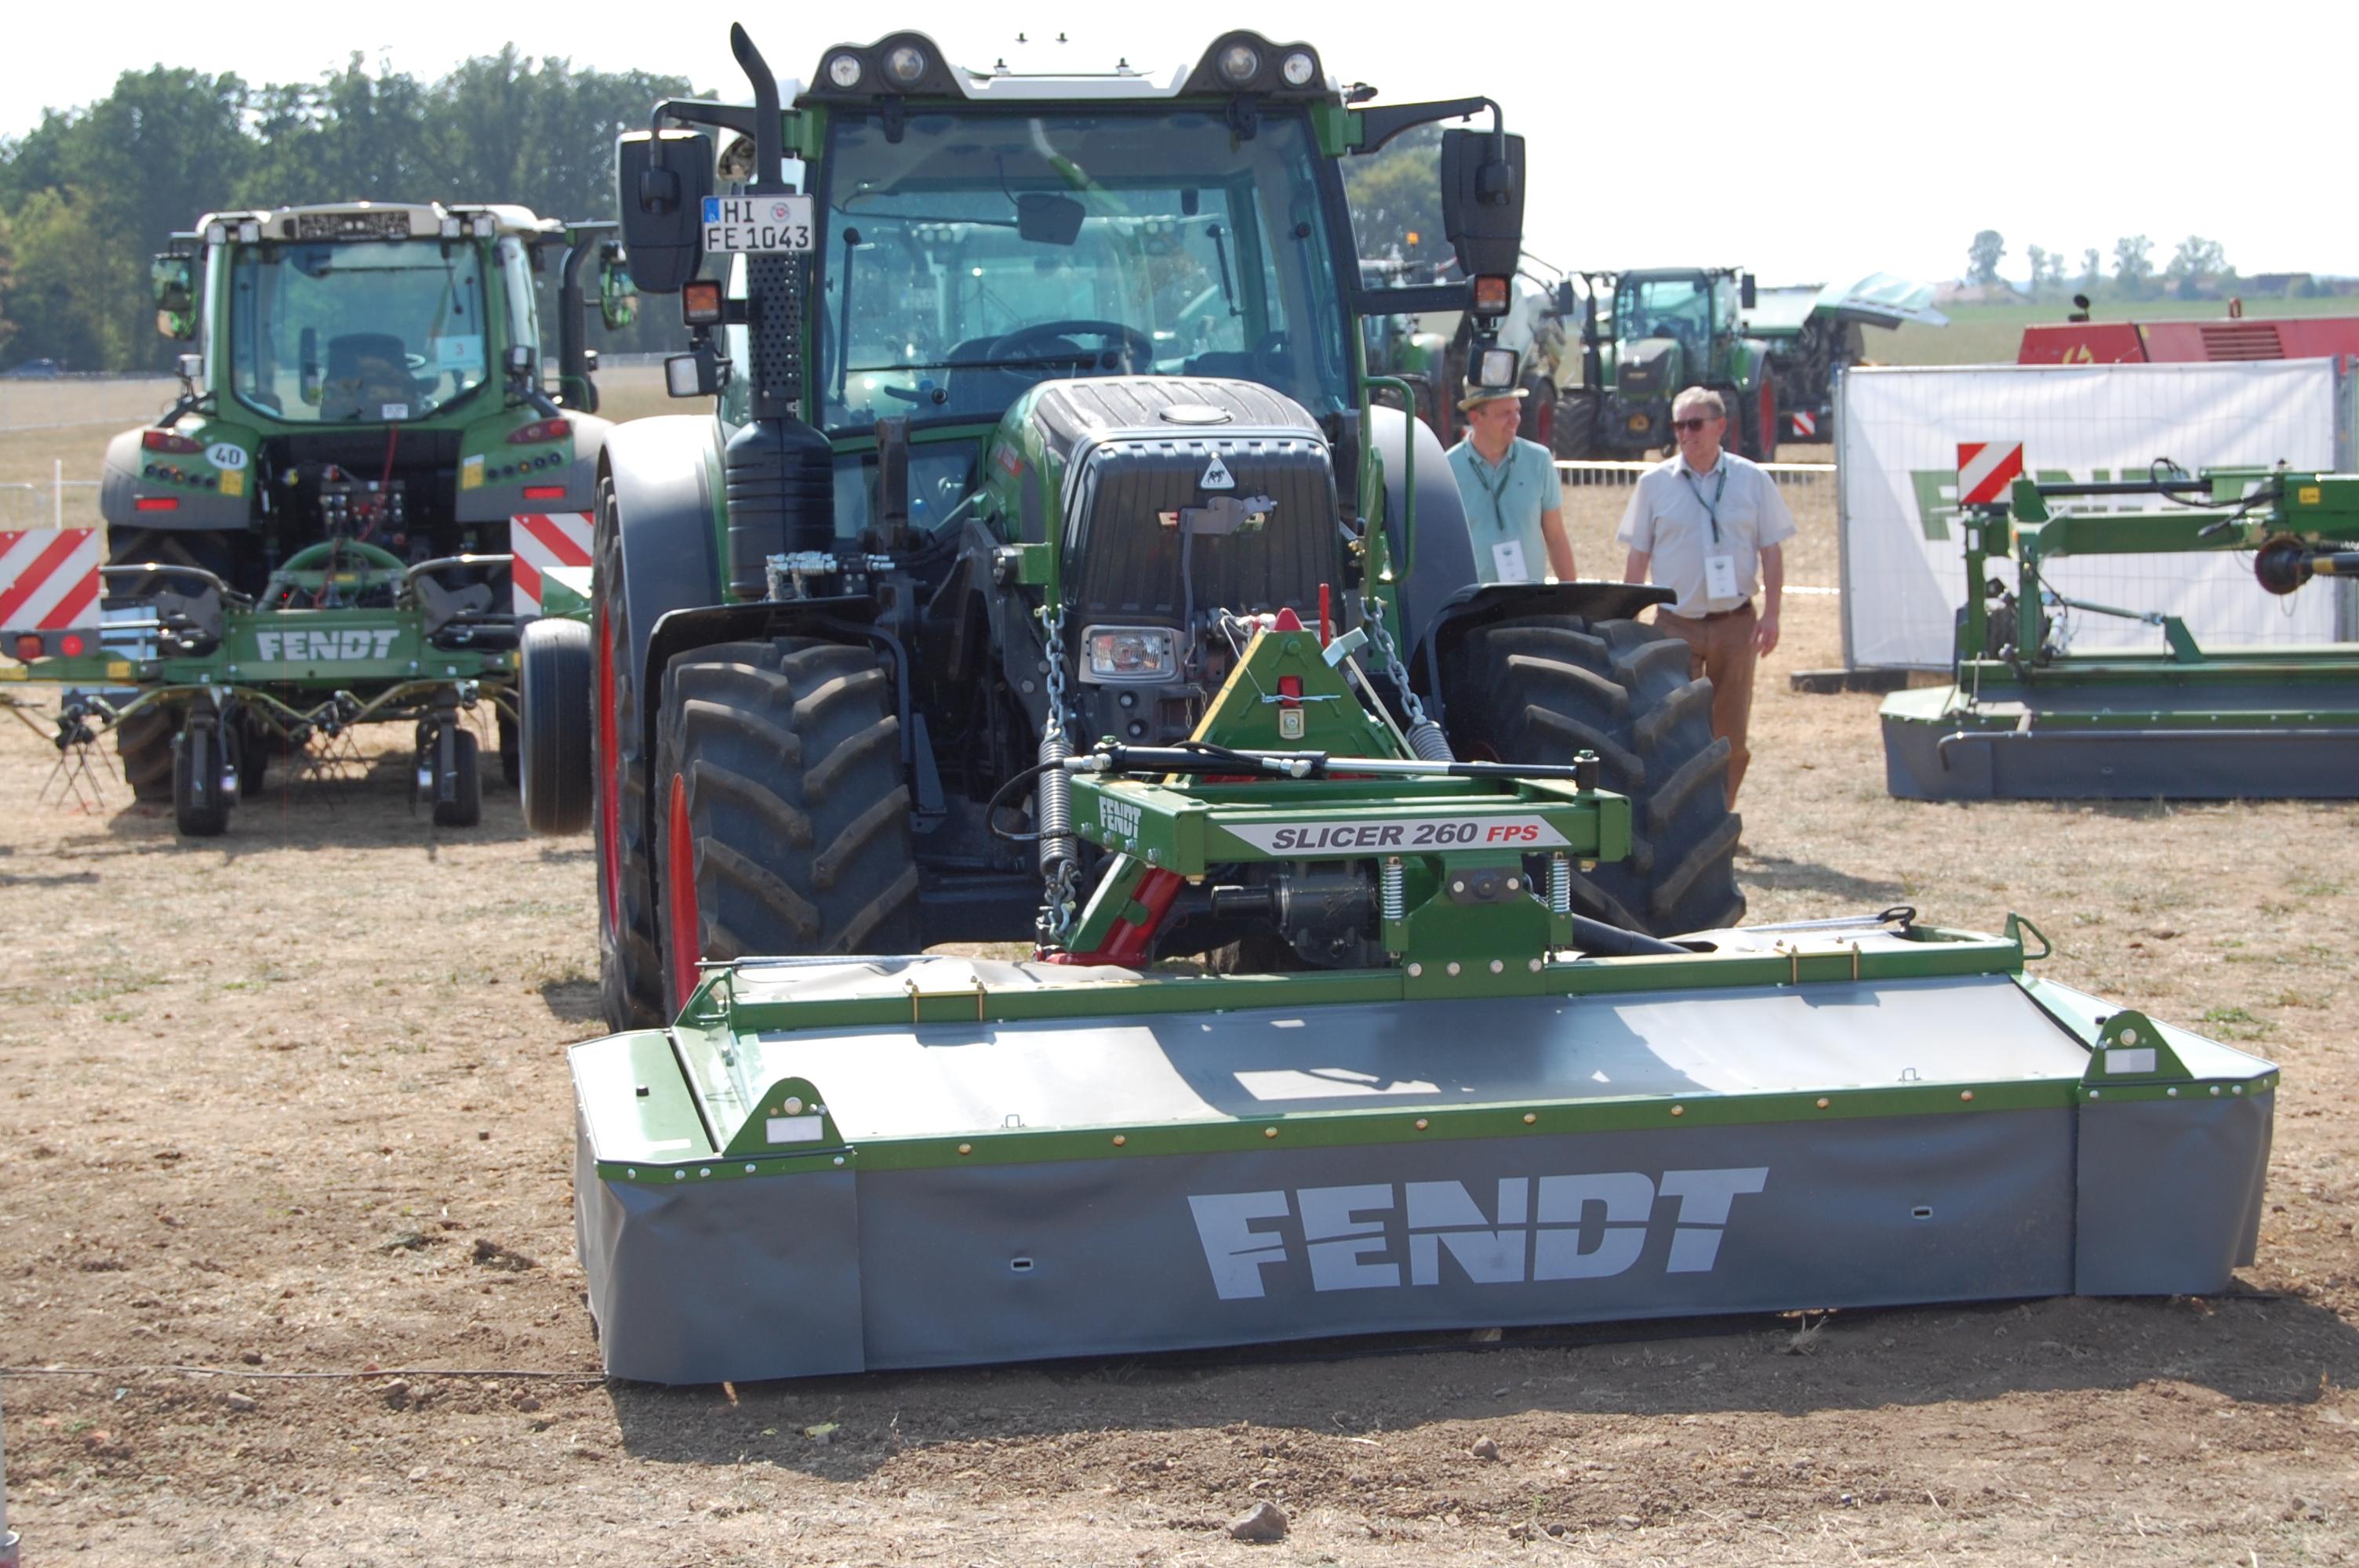 Fendt_Field_Day_Wadenbrunn2018-091